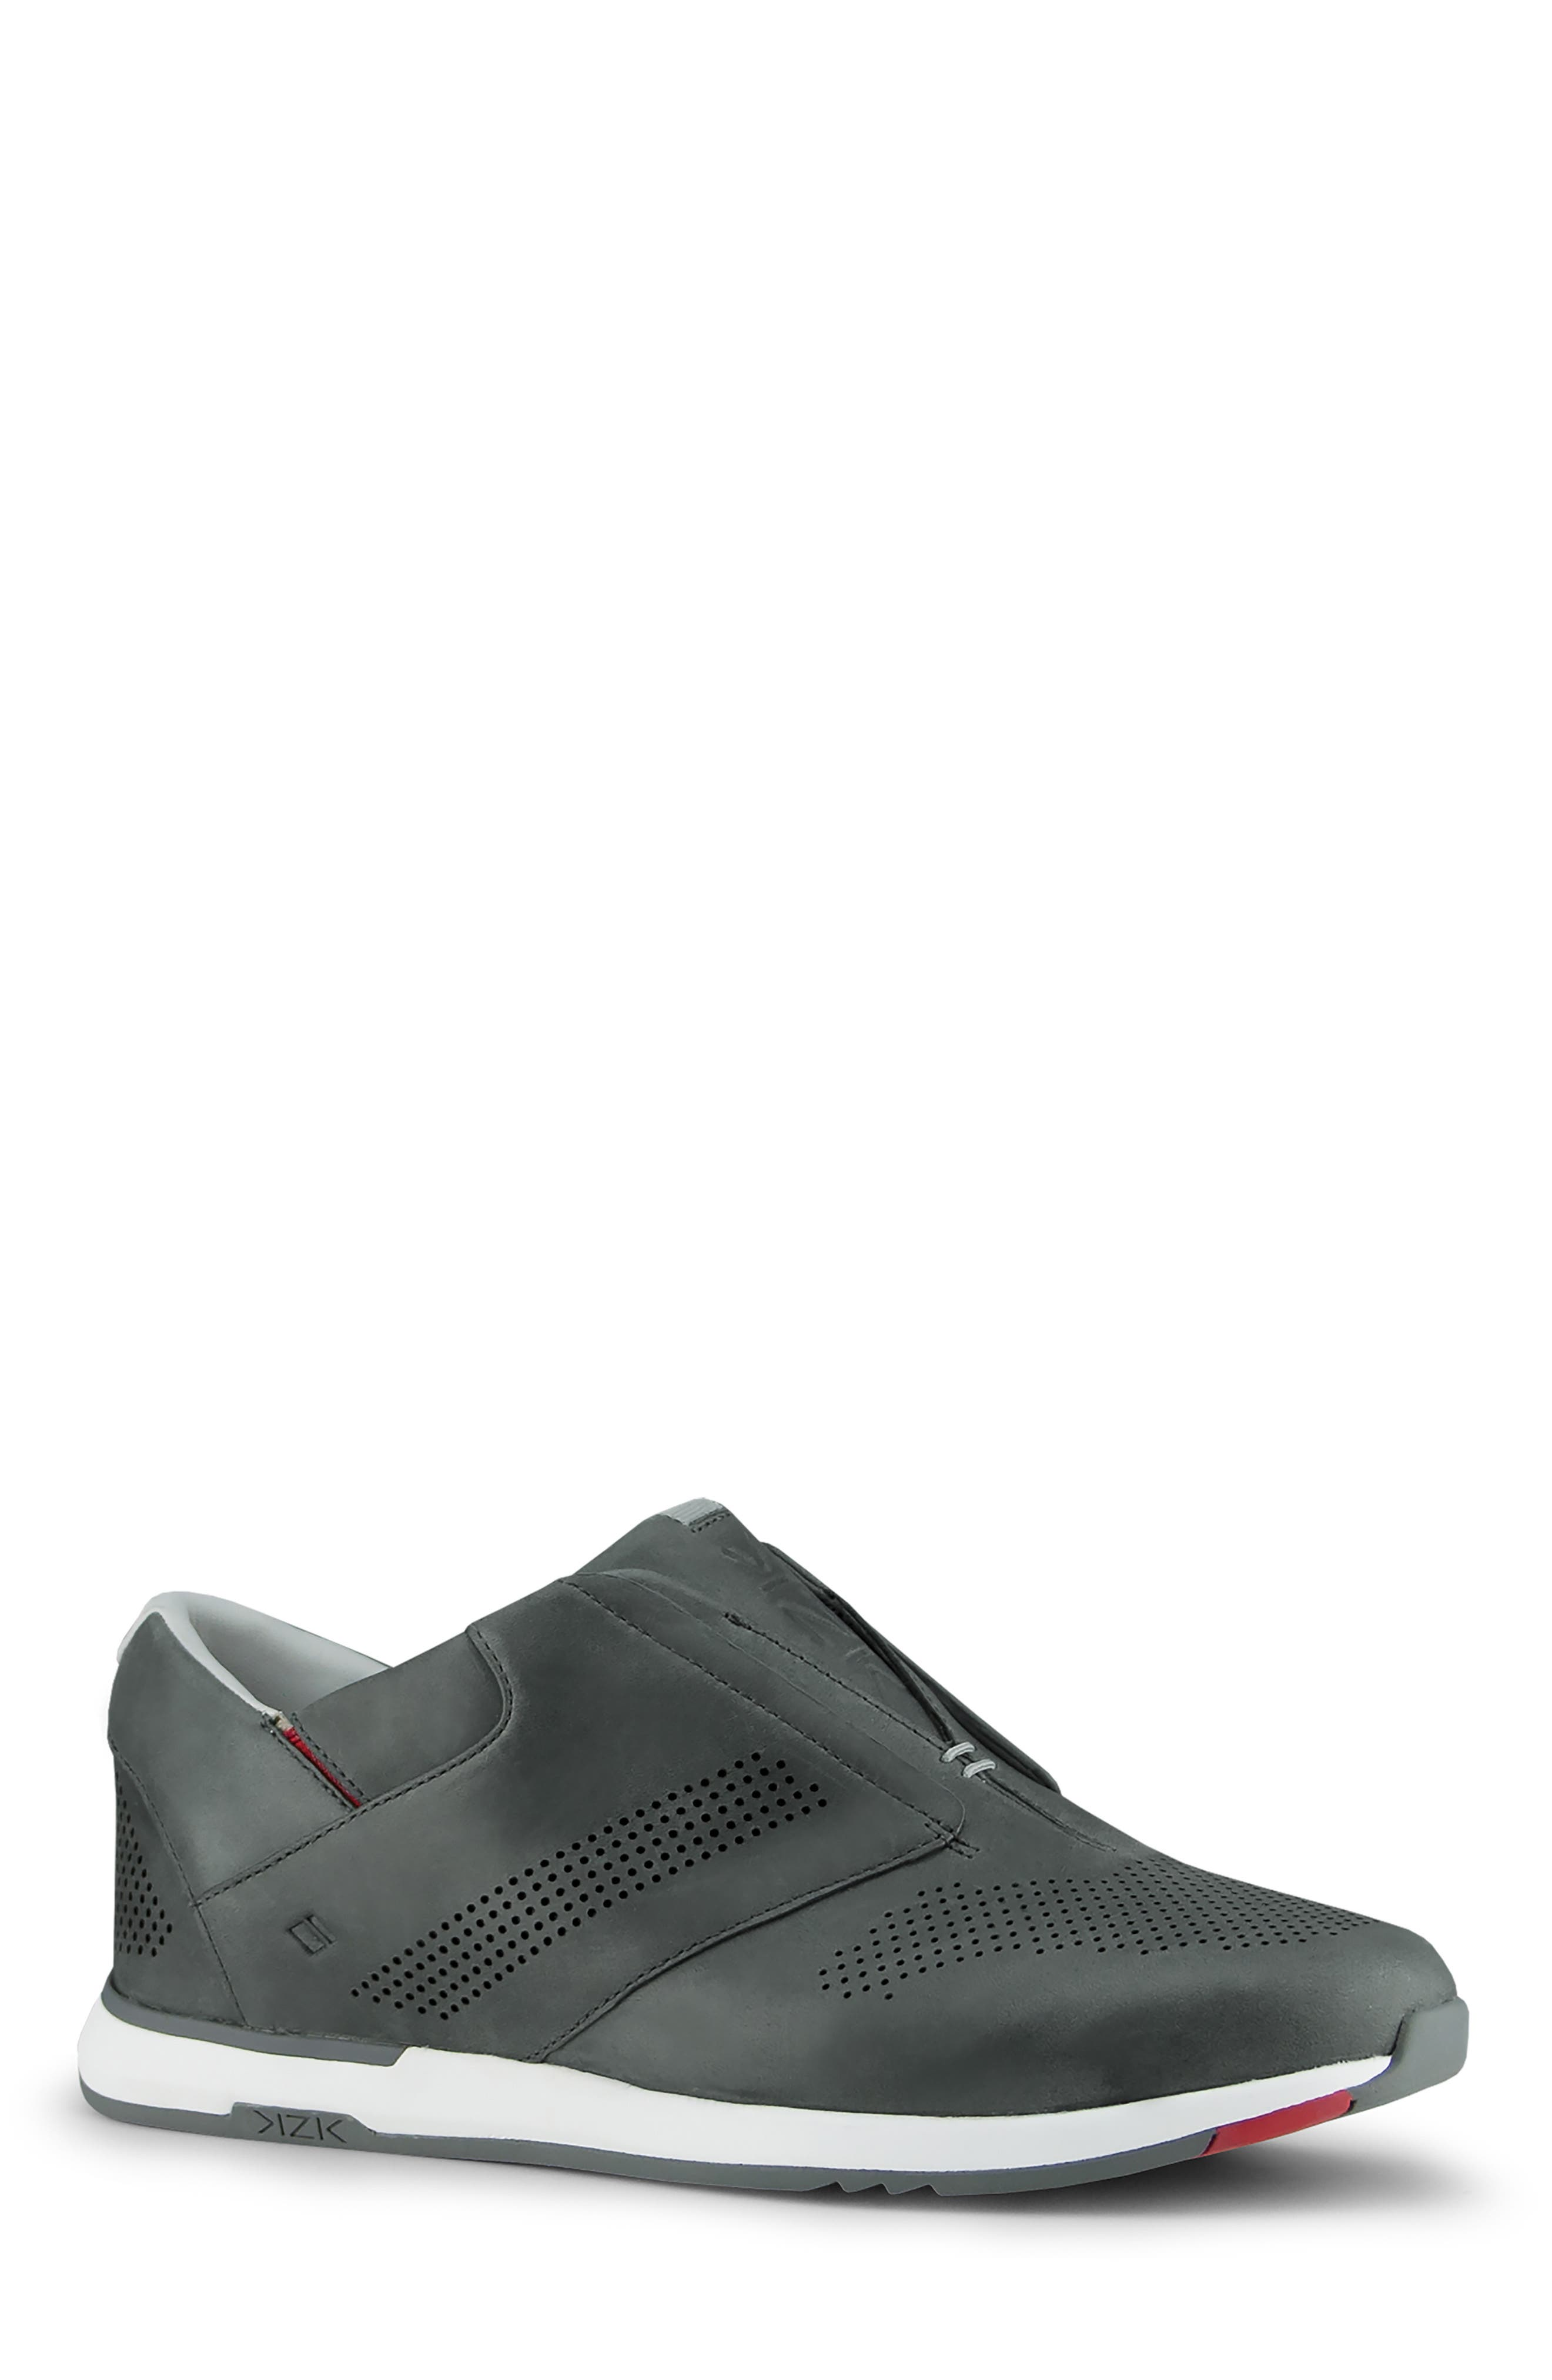 Kizik Dubai Slip-On Sneaker, Grey